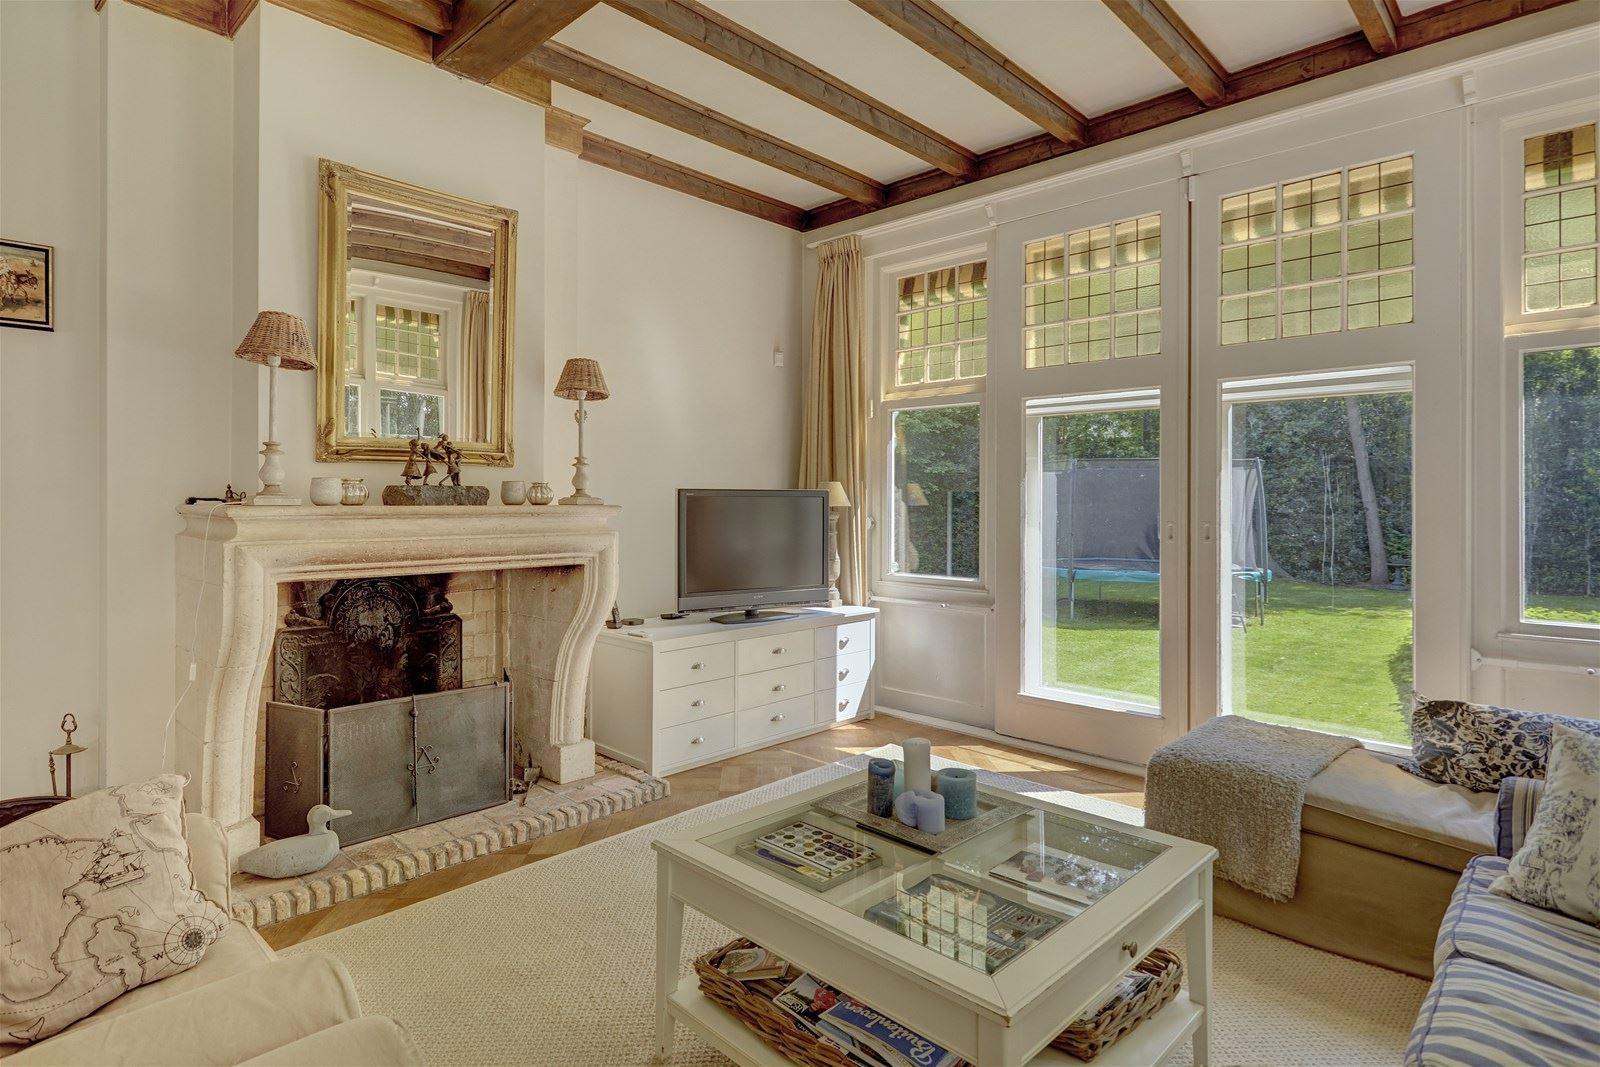 Nhà ở quê đẹp yên bình với những khoảng không gian ngập tràn ánh sáng - Ảnh 12.